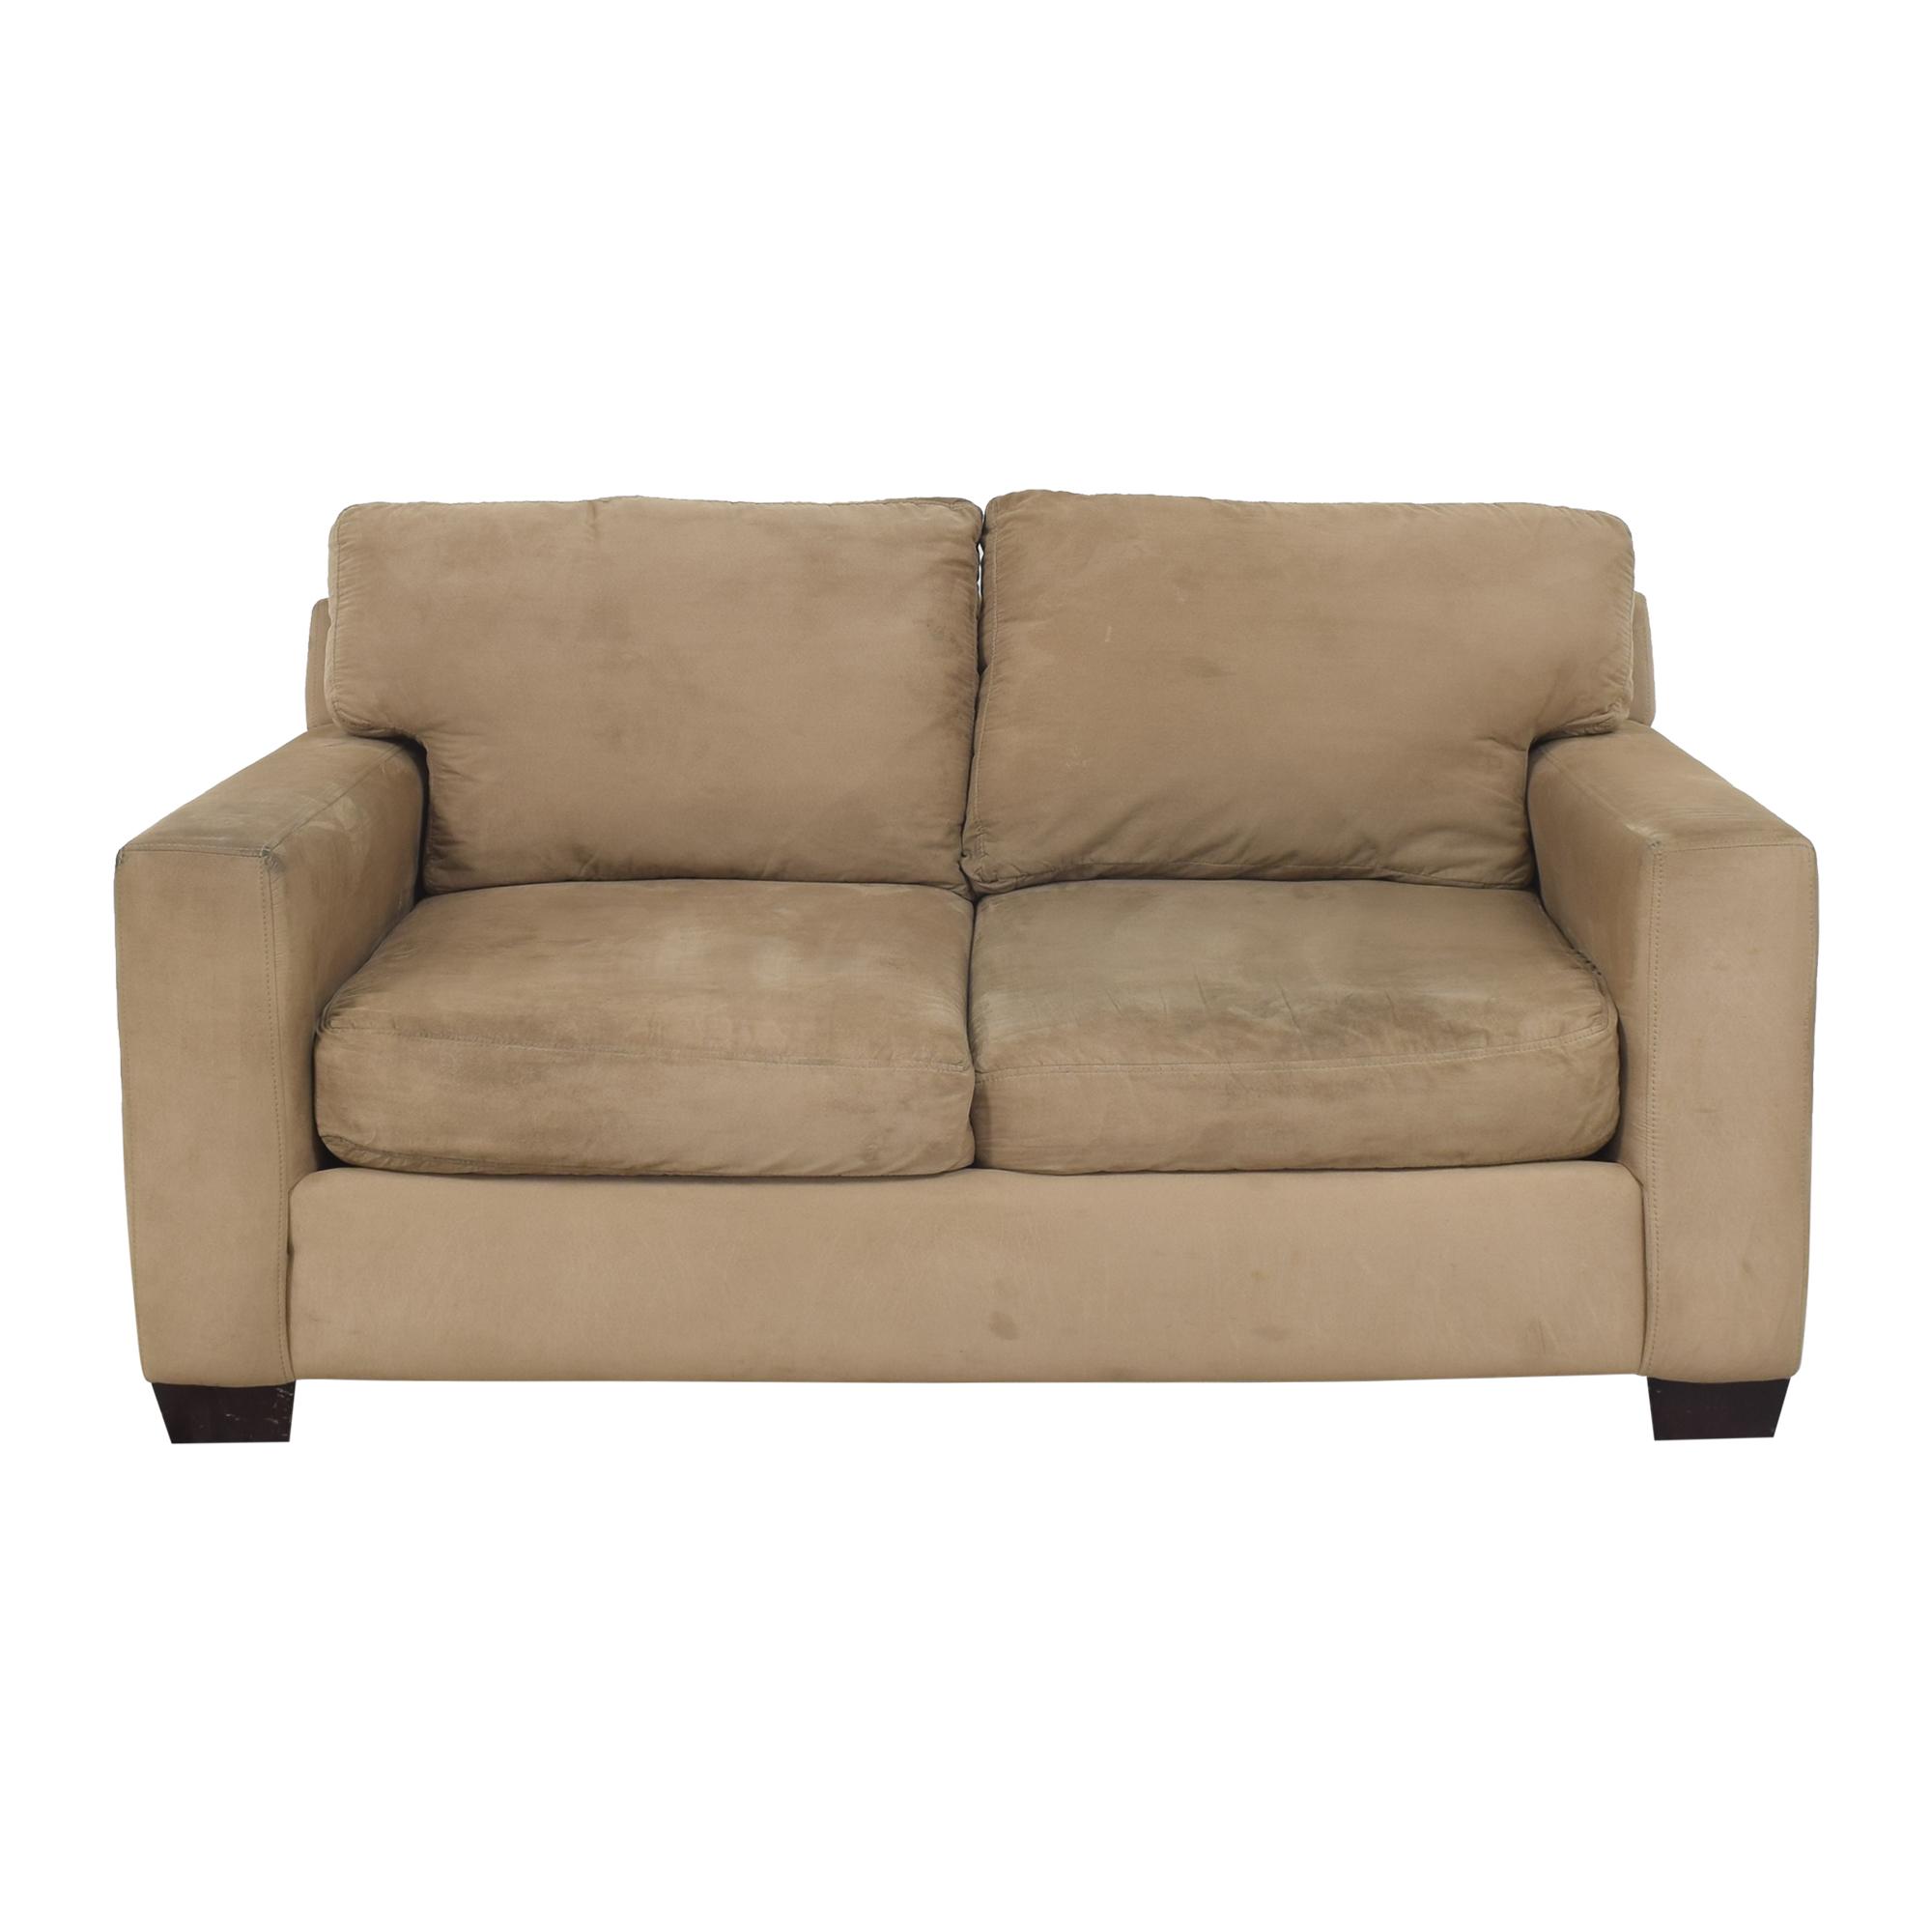 Macy's Macy's Radley Loveseat Sofa used